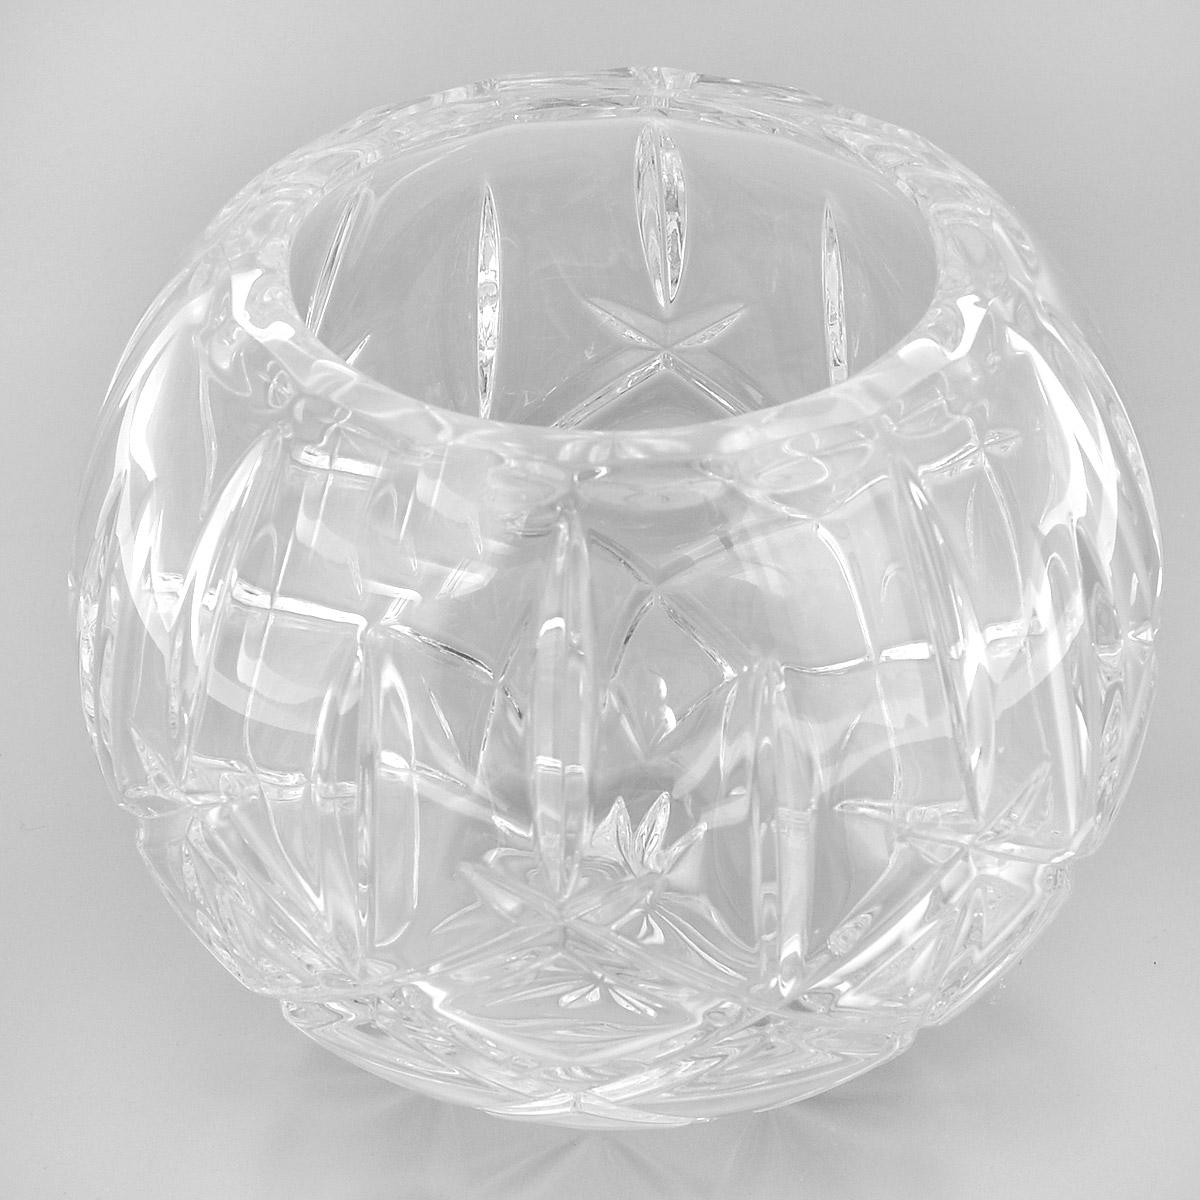 Ваза Crystal Bohemia Шар, диаметр 10 см290/69511/0/52820/175-109Ваза Crystal Bohemia Шар выполнена из прочного высококачественного хрусталя и декорирована рельефом. Она излучает приятный блеск и издает мелодичный звон. Ваза сочетает в себе изысканный дизайн с максимальной функциональностью. Ваза не только украсит дом и подчеркнет ваш прекрасный вкус, но и станет отличным подарком.